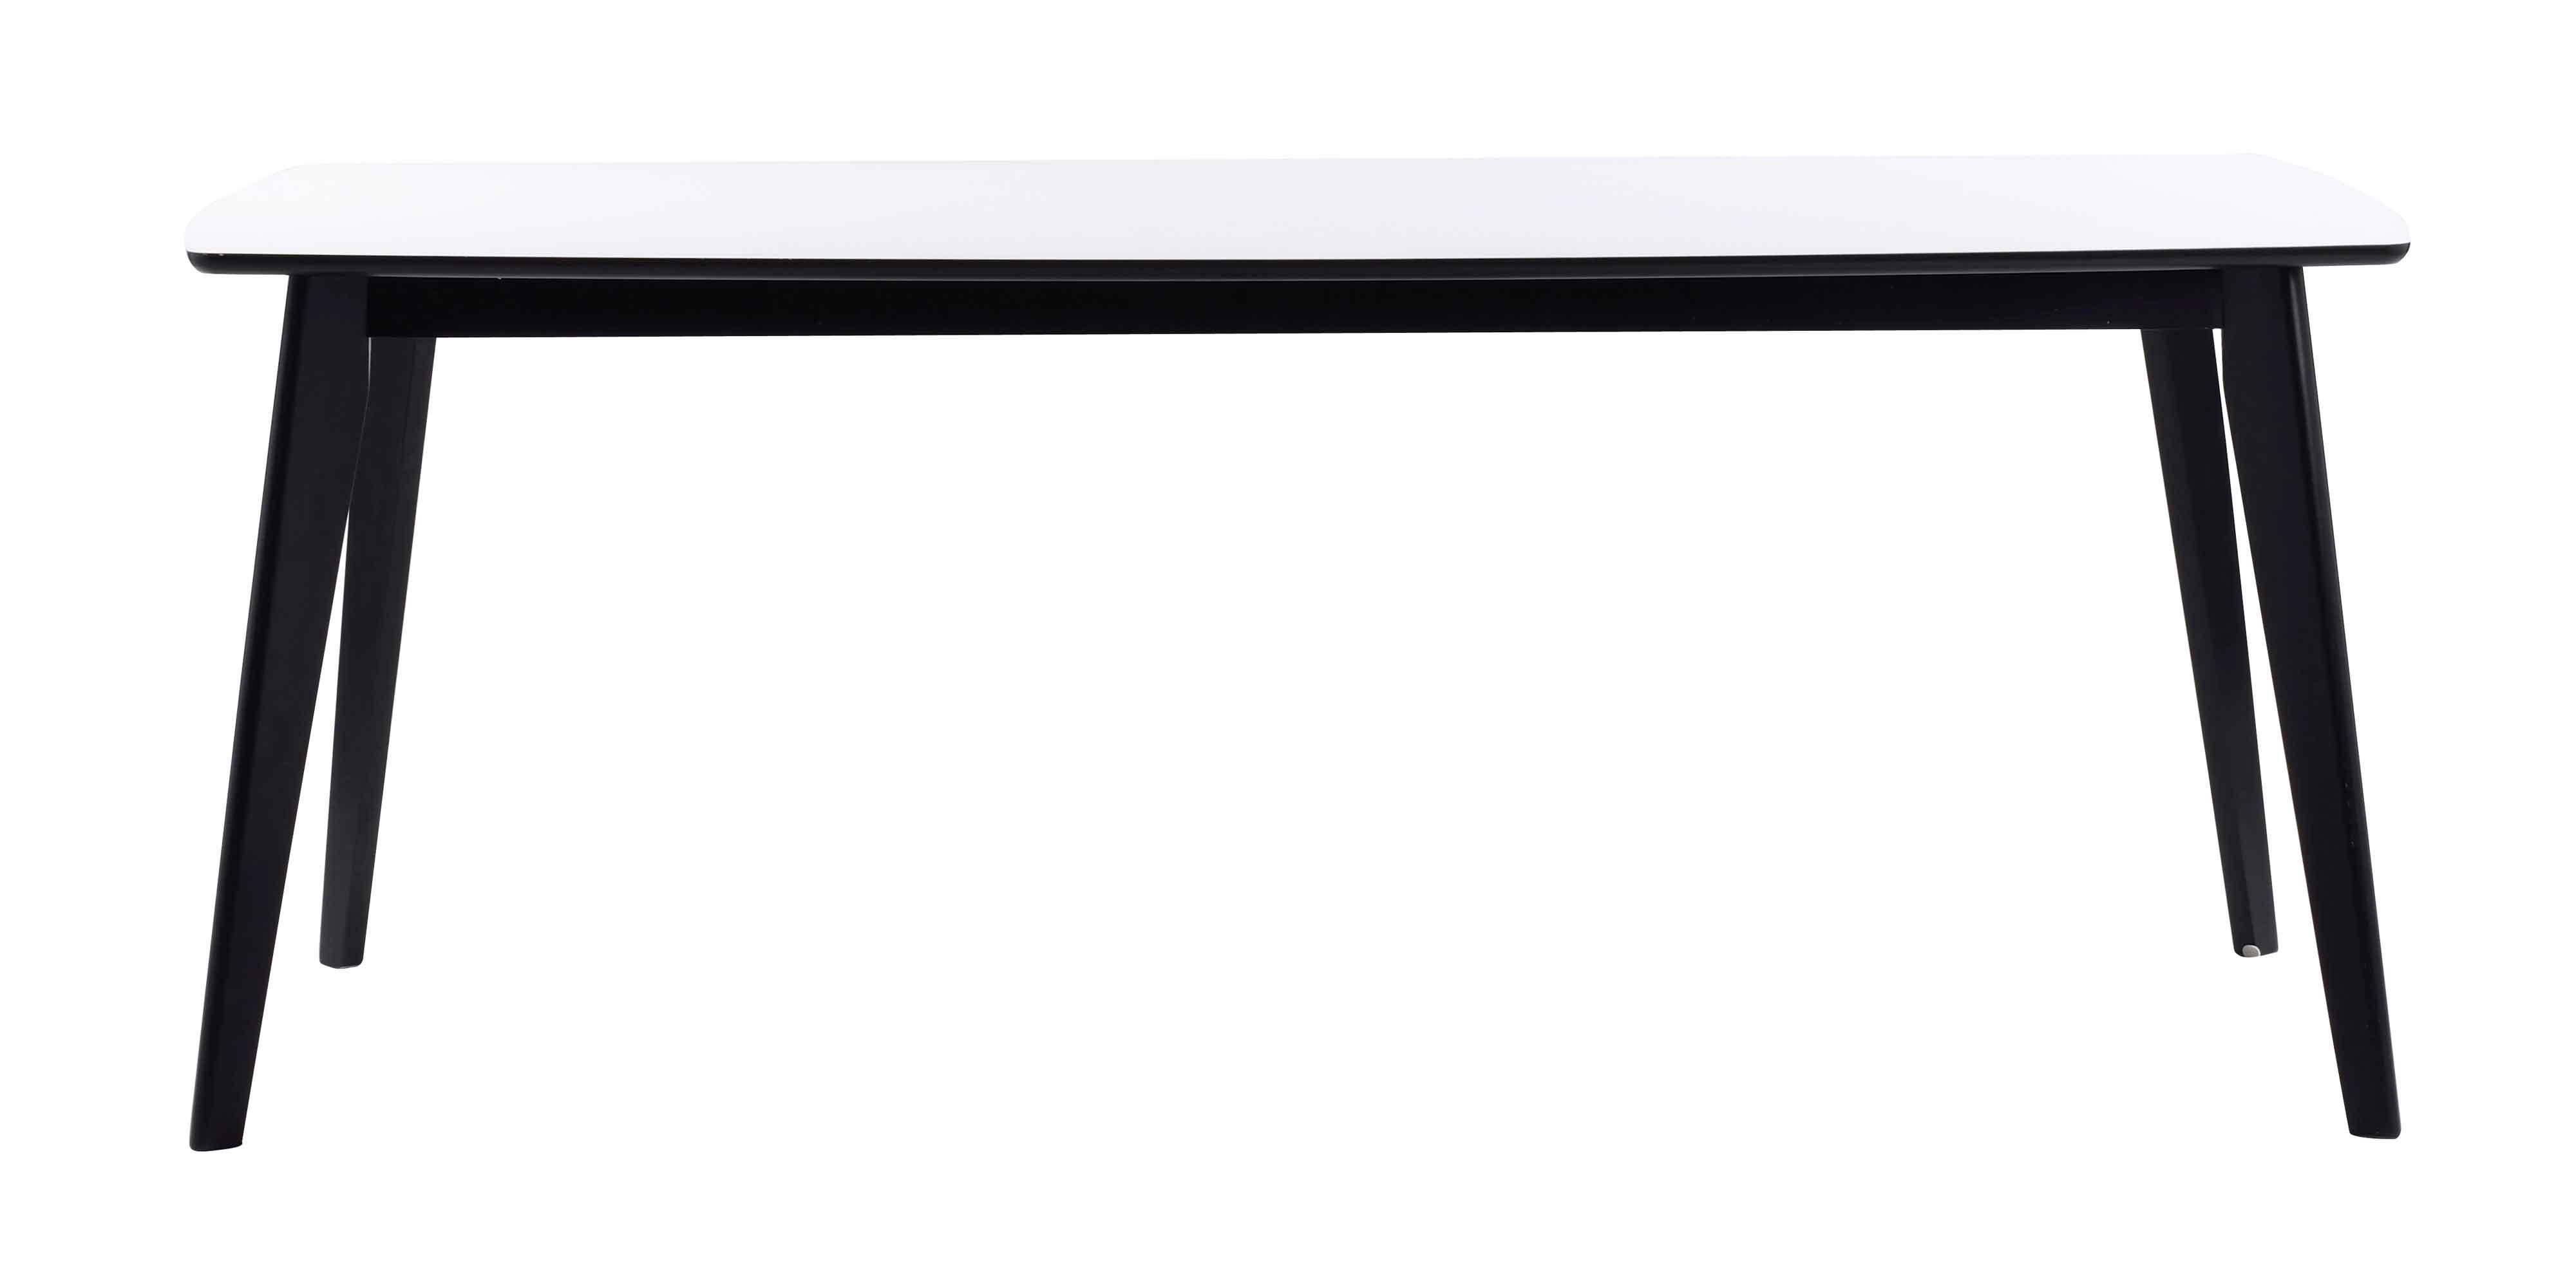 Olivia spisebord - Hvid bordplade, sortlakeret egetræsben, m. udtræk 190x90